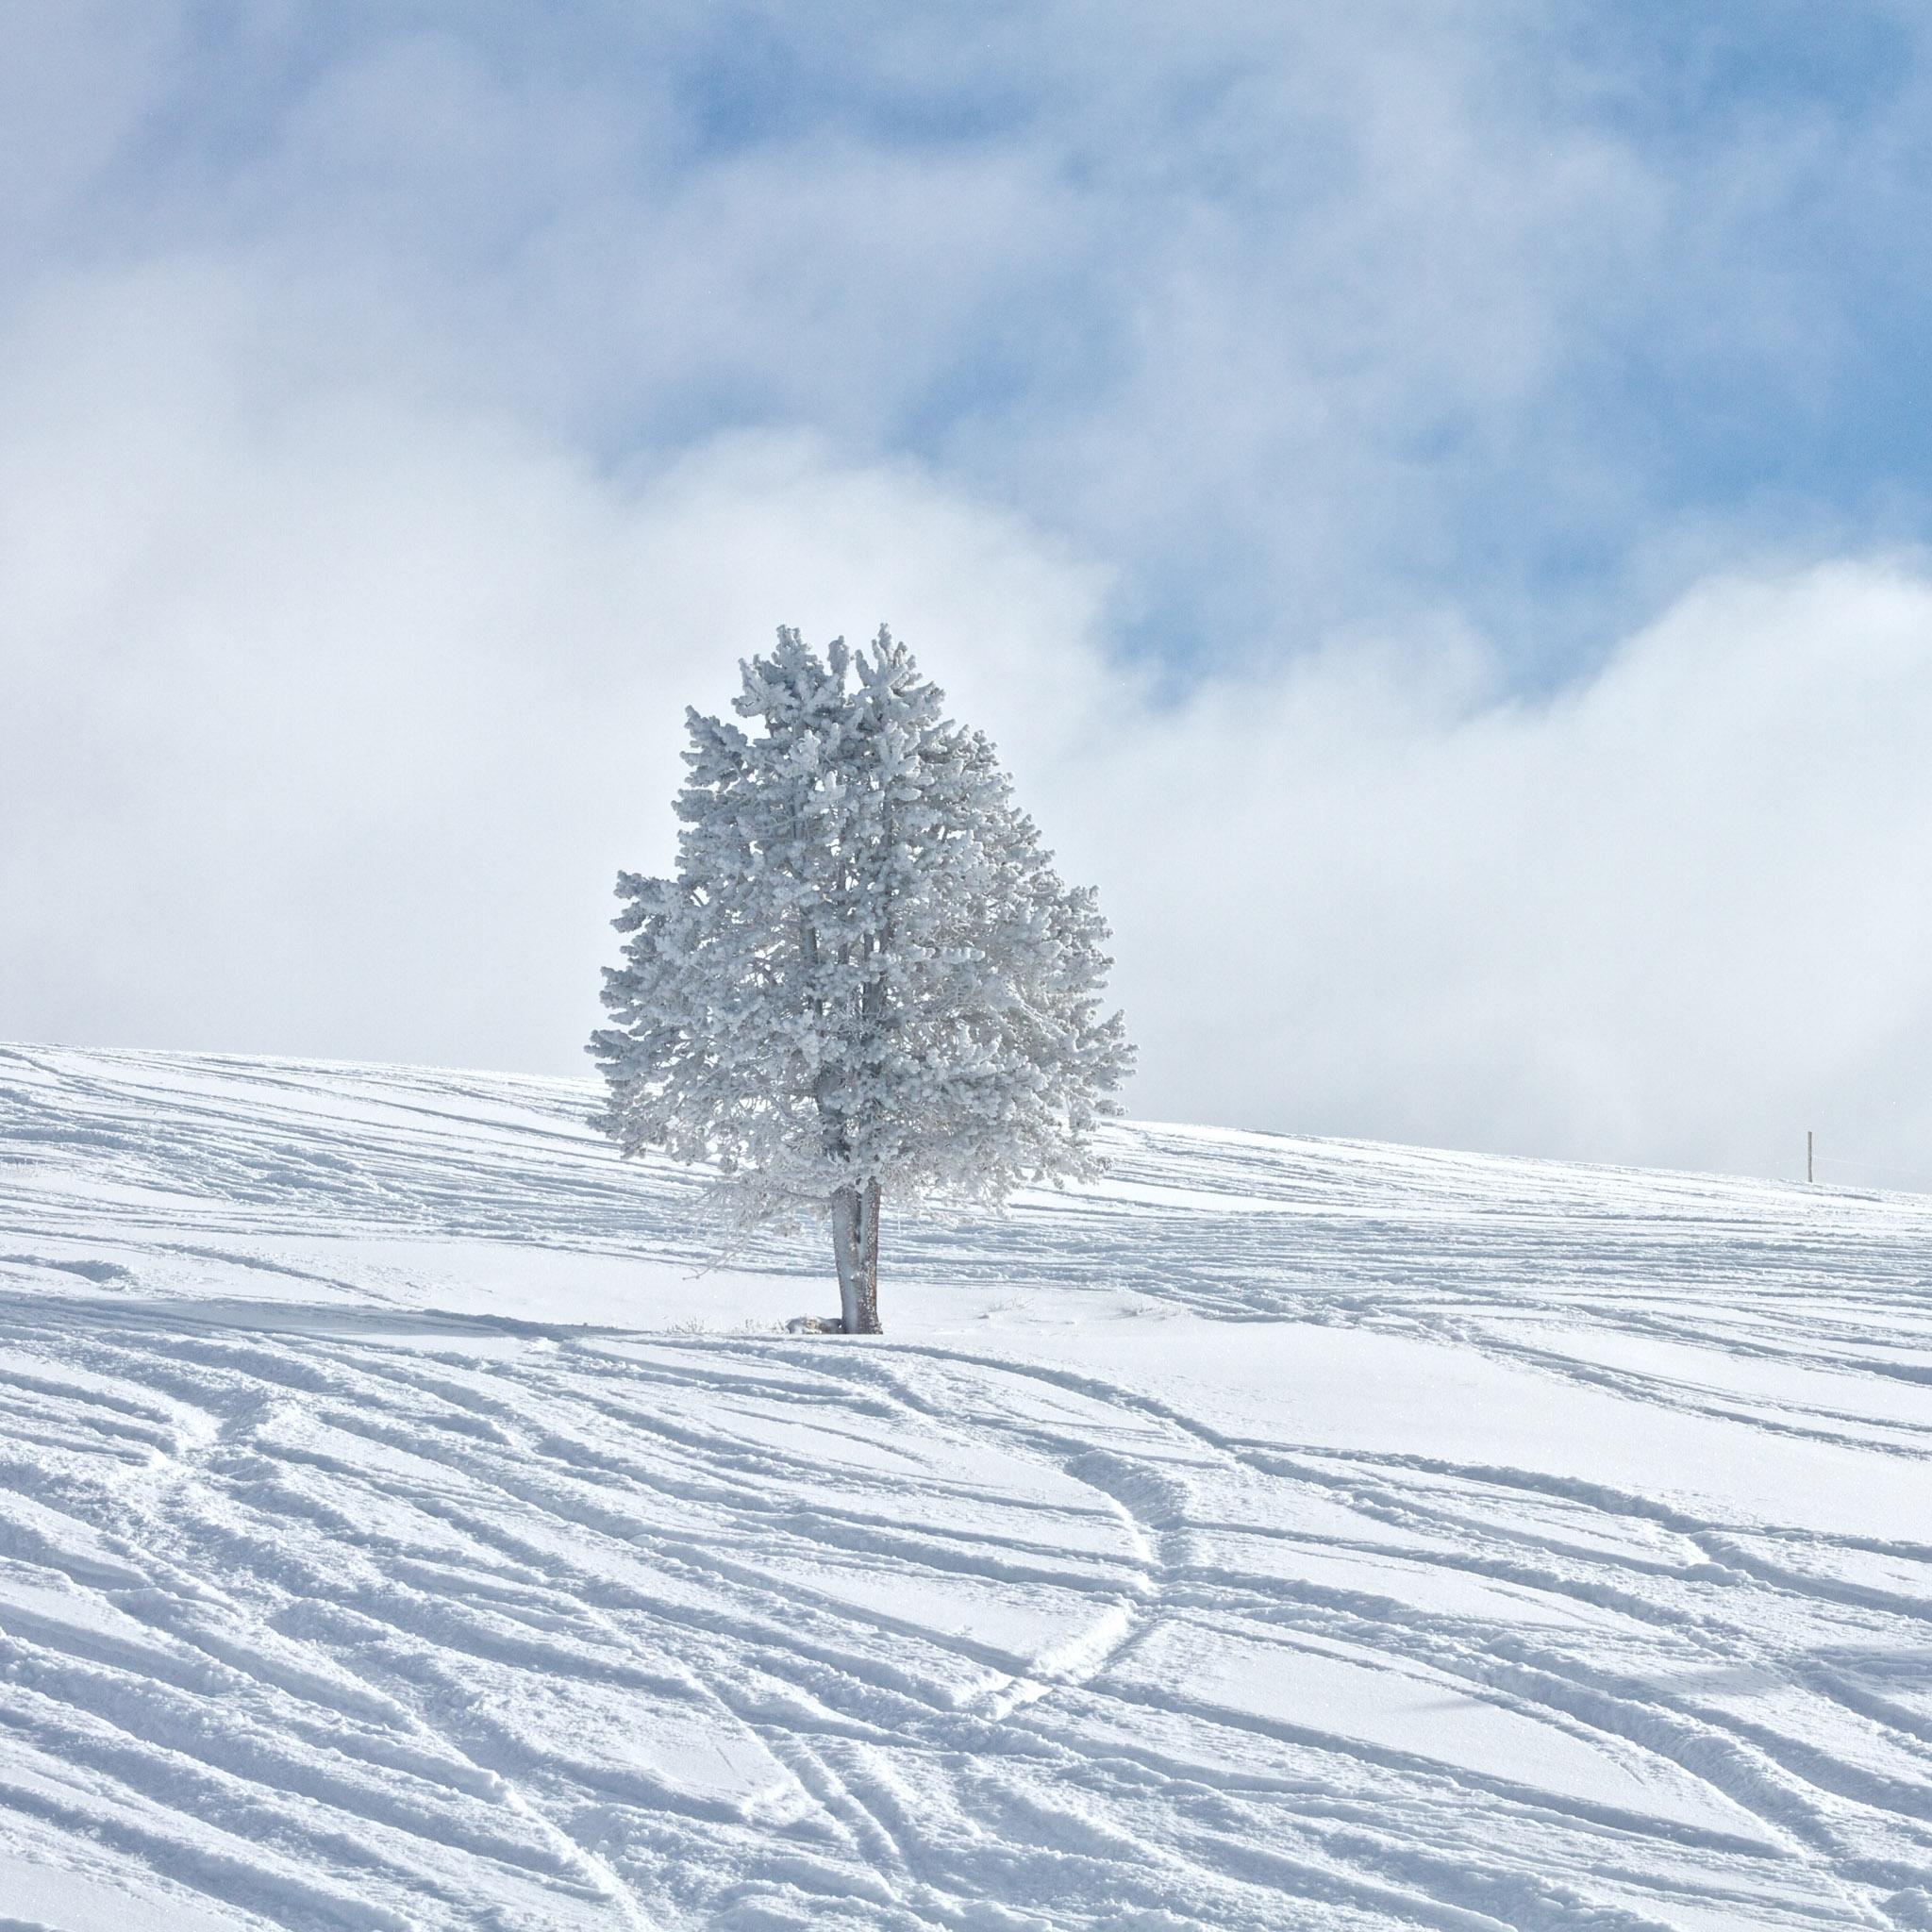 zach dischner - snow tree ipad wallpaper